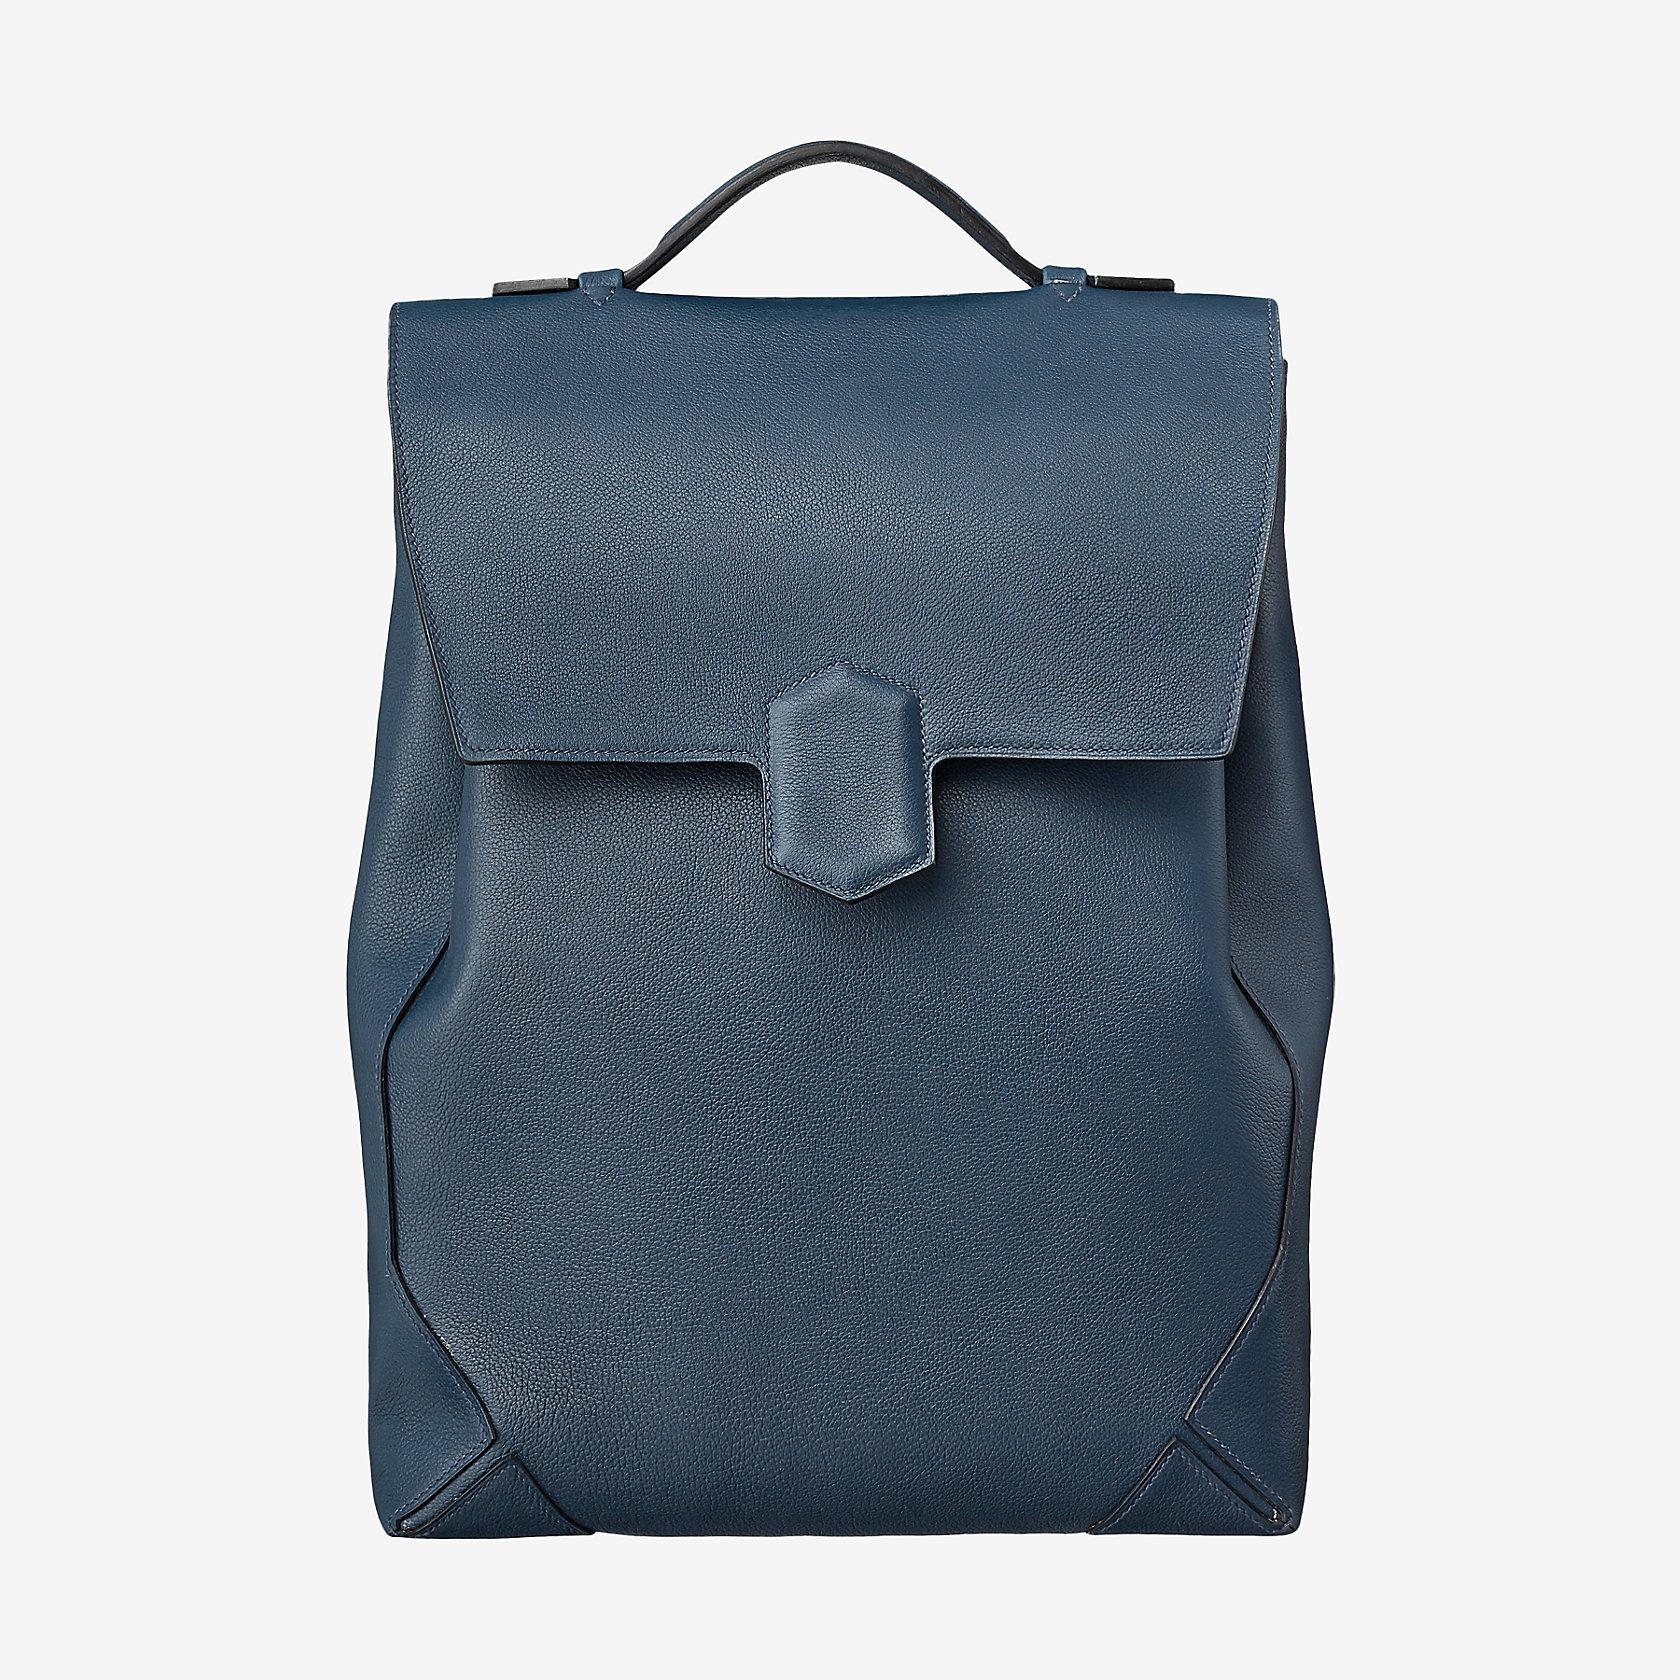 e4a36e1538 Hermes Flash backpack